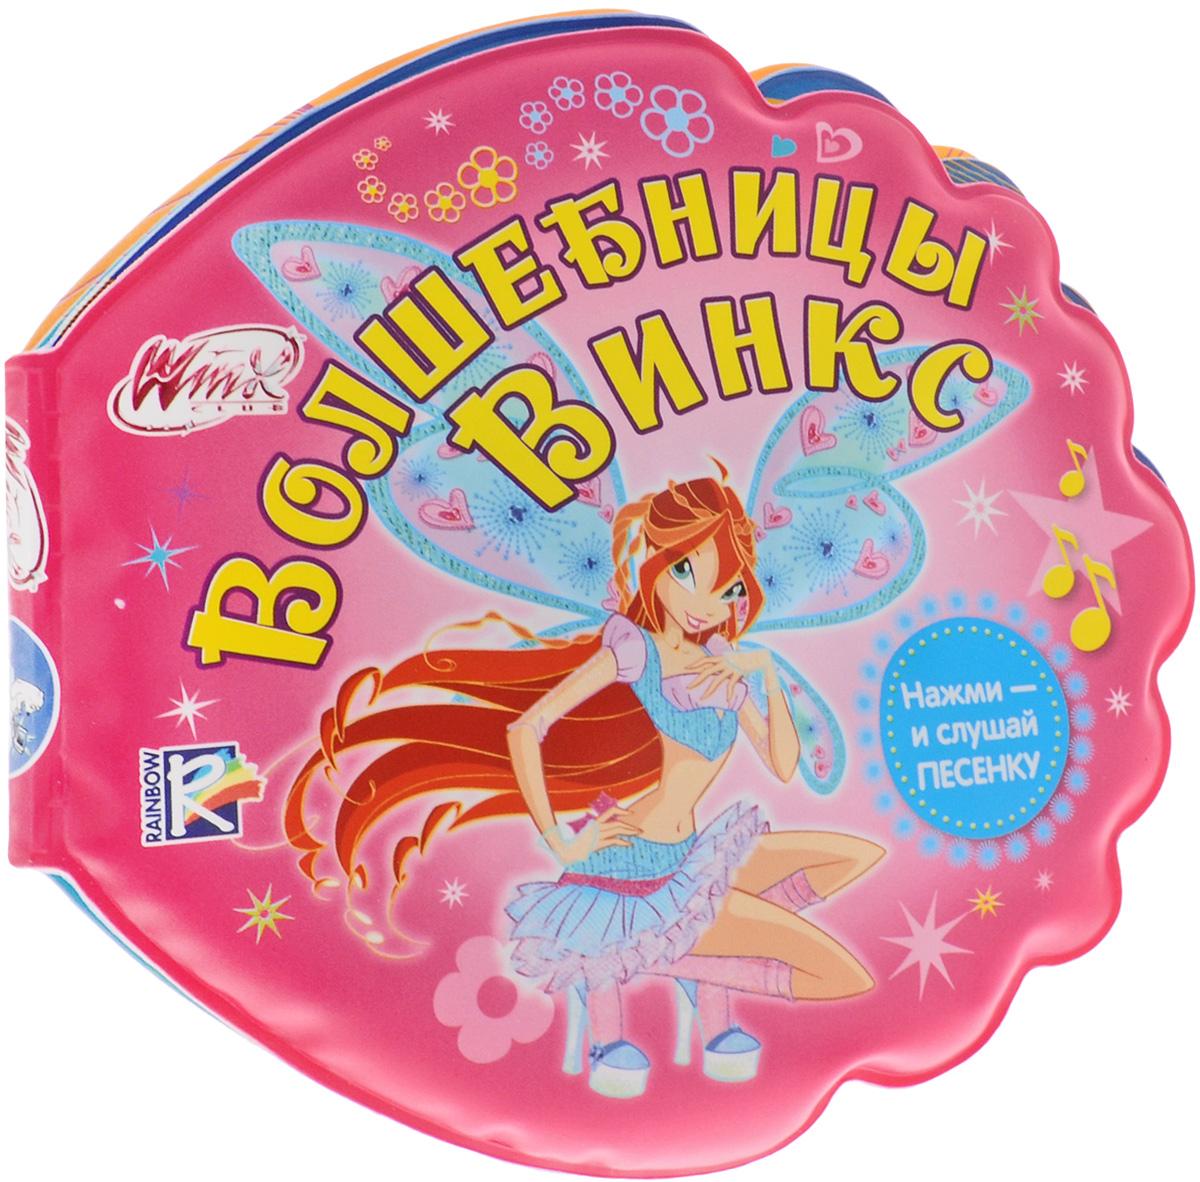 Умка Книжка-игрушка Волшебницы Винкс9785919418528Книжка-игрушка Умка Волшебницы Винкс - лучший подарок для маленького ребенка. Ваш малыш разовьет музыкальные и сенсорные способности, наглядно-образное мышление и аттенционные способности. Внутри яркие, красочные картинки с любимыми героями. Внутри первой странички спрятана кнопка, нажав которую малыш услышит песенку из любимого мультфильма. Книжка выполнена из безопасного непромокаемого материала и легко моется, если испачкается. Она так же познакомит ребенка с новыми тактильными ощущениями. Нажимая на кнопки и переворачивая страницы, он разовьет мелкую моторику и тактильные ощущения. Яркие картинки привлекут внимание и вызовут интерес к игре. Рекомендуется докупить 2 батарейки напряжением 1,5V типа ААА (товар комплектуется демонстрационными).